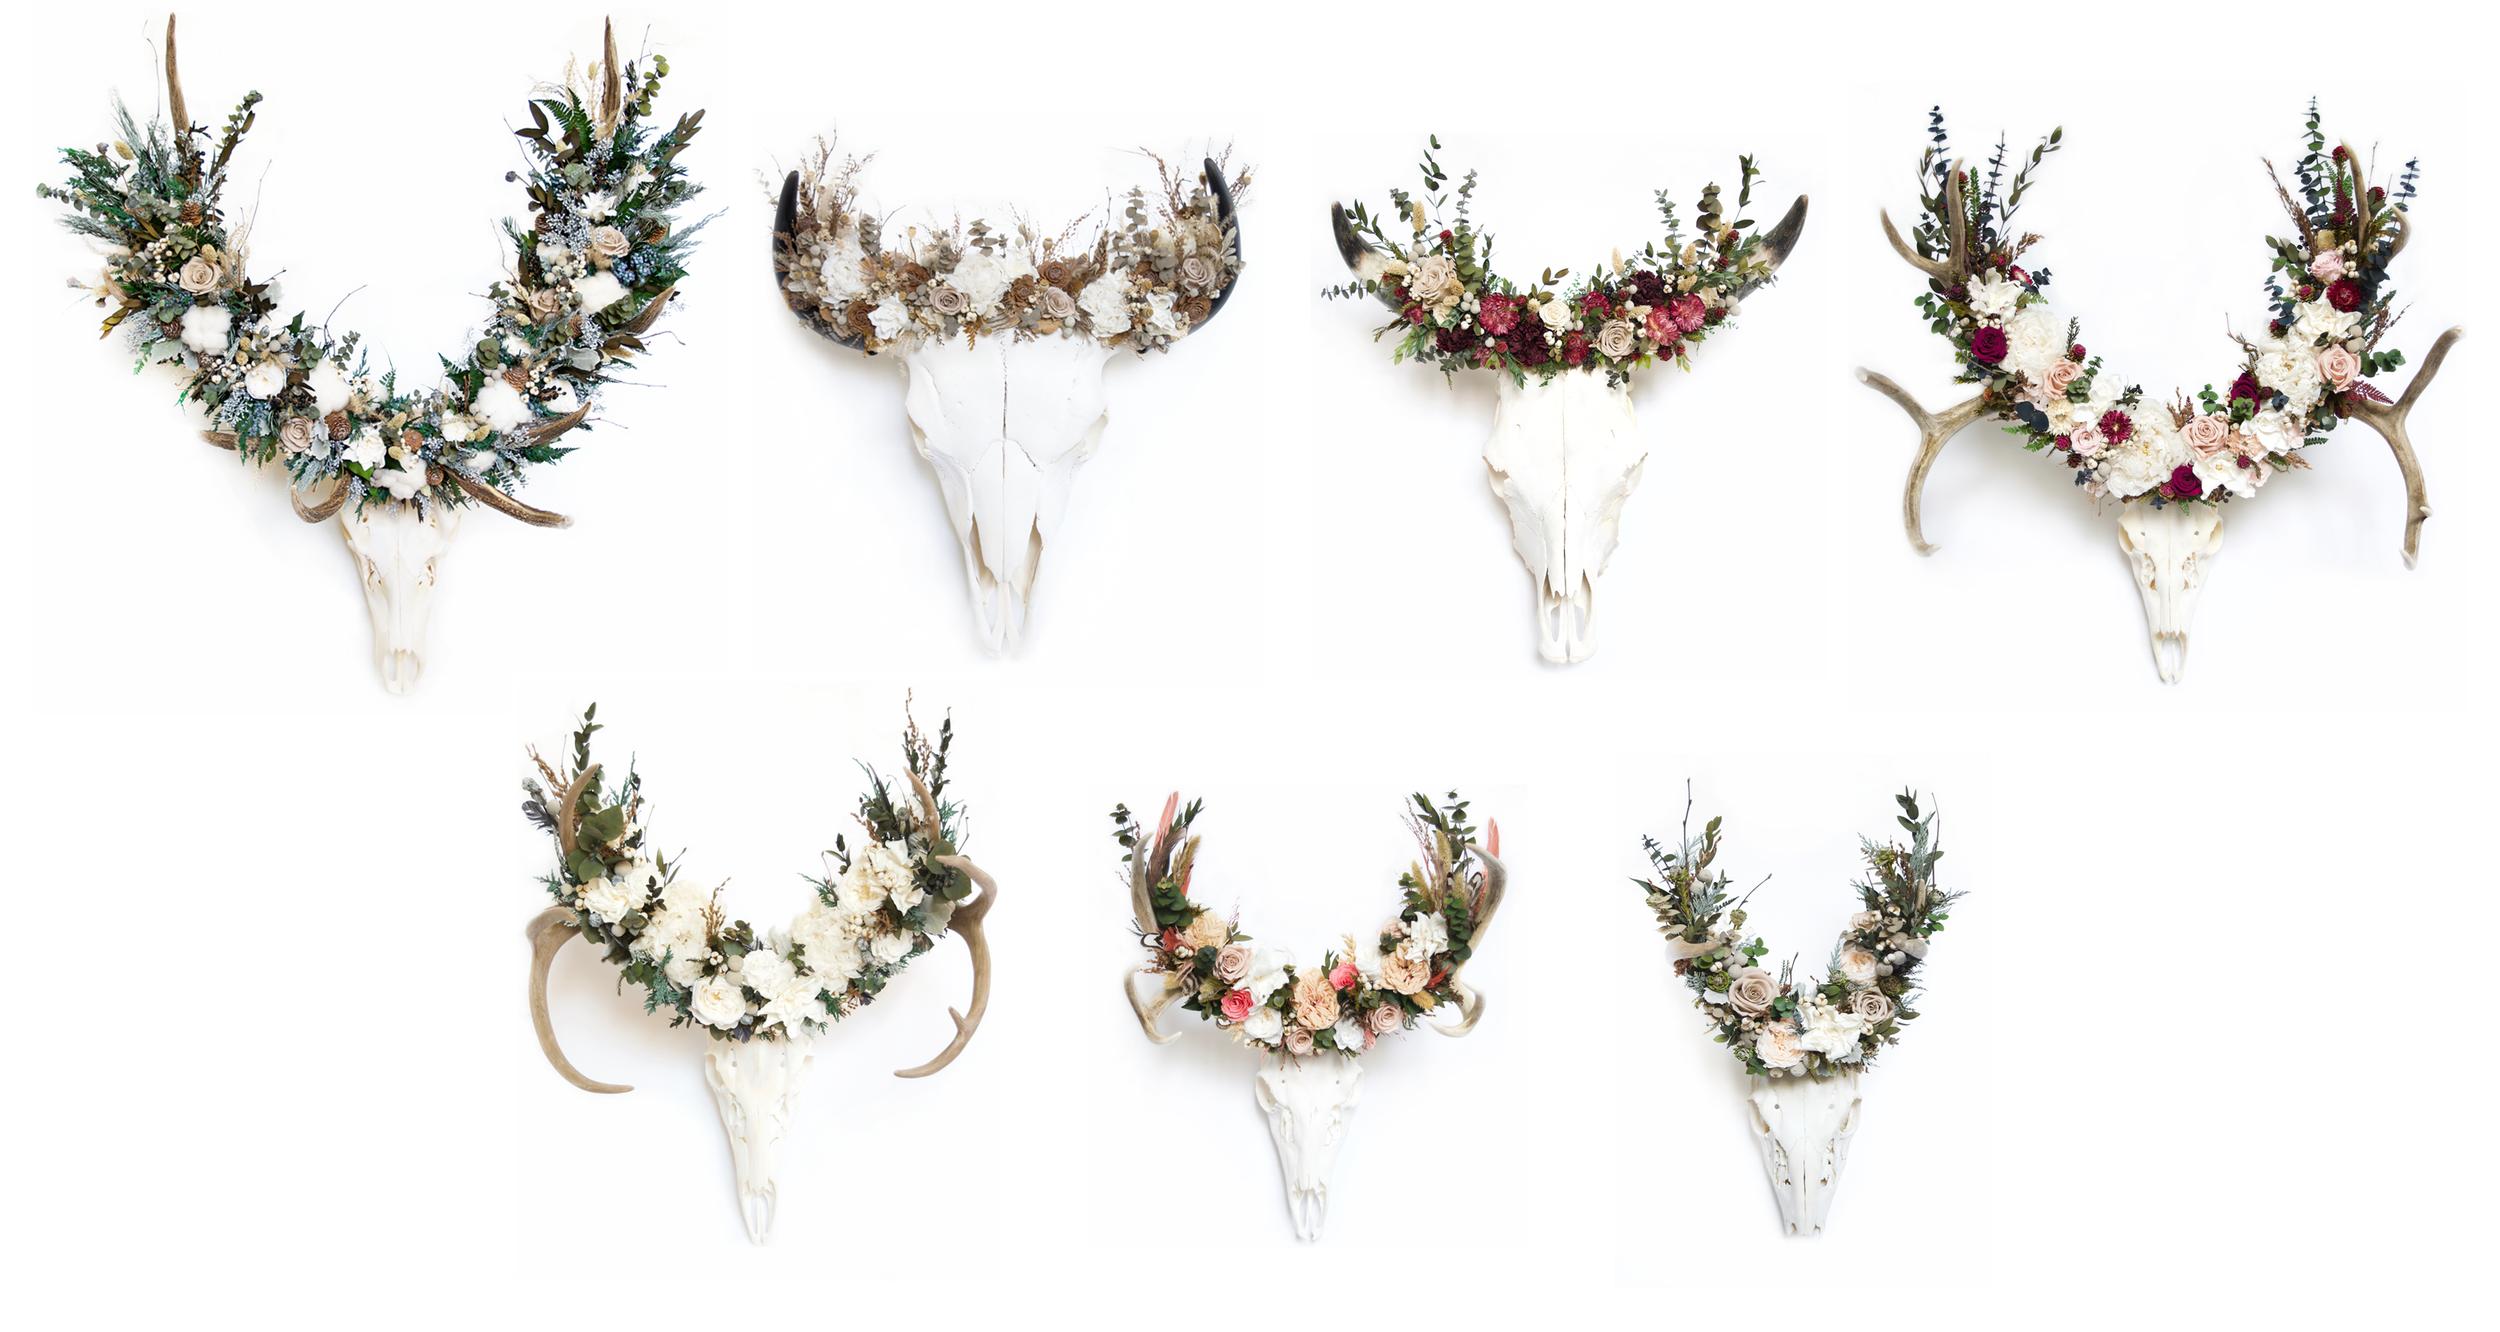 Shop the Flora & Fauna Collection by MeghanLaCroix.com